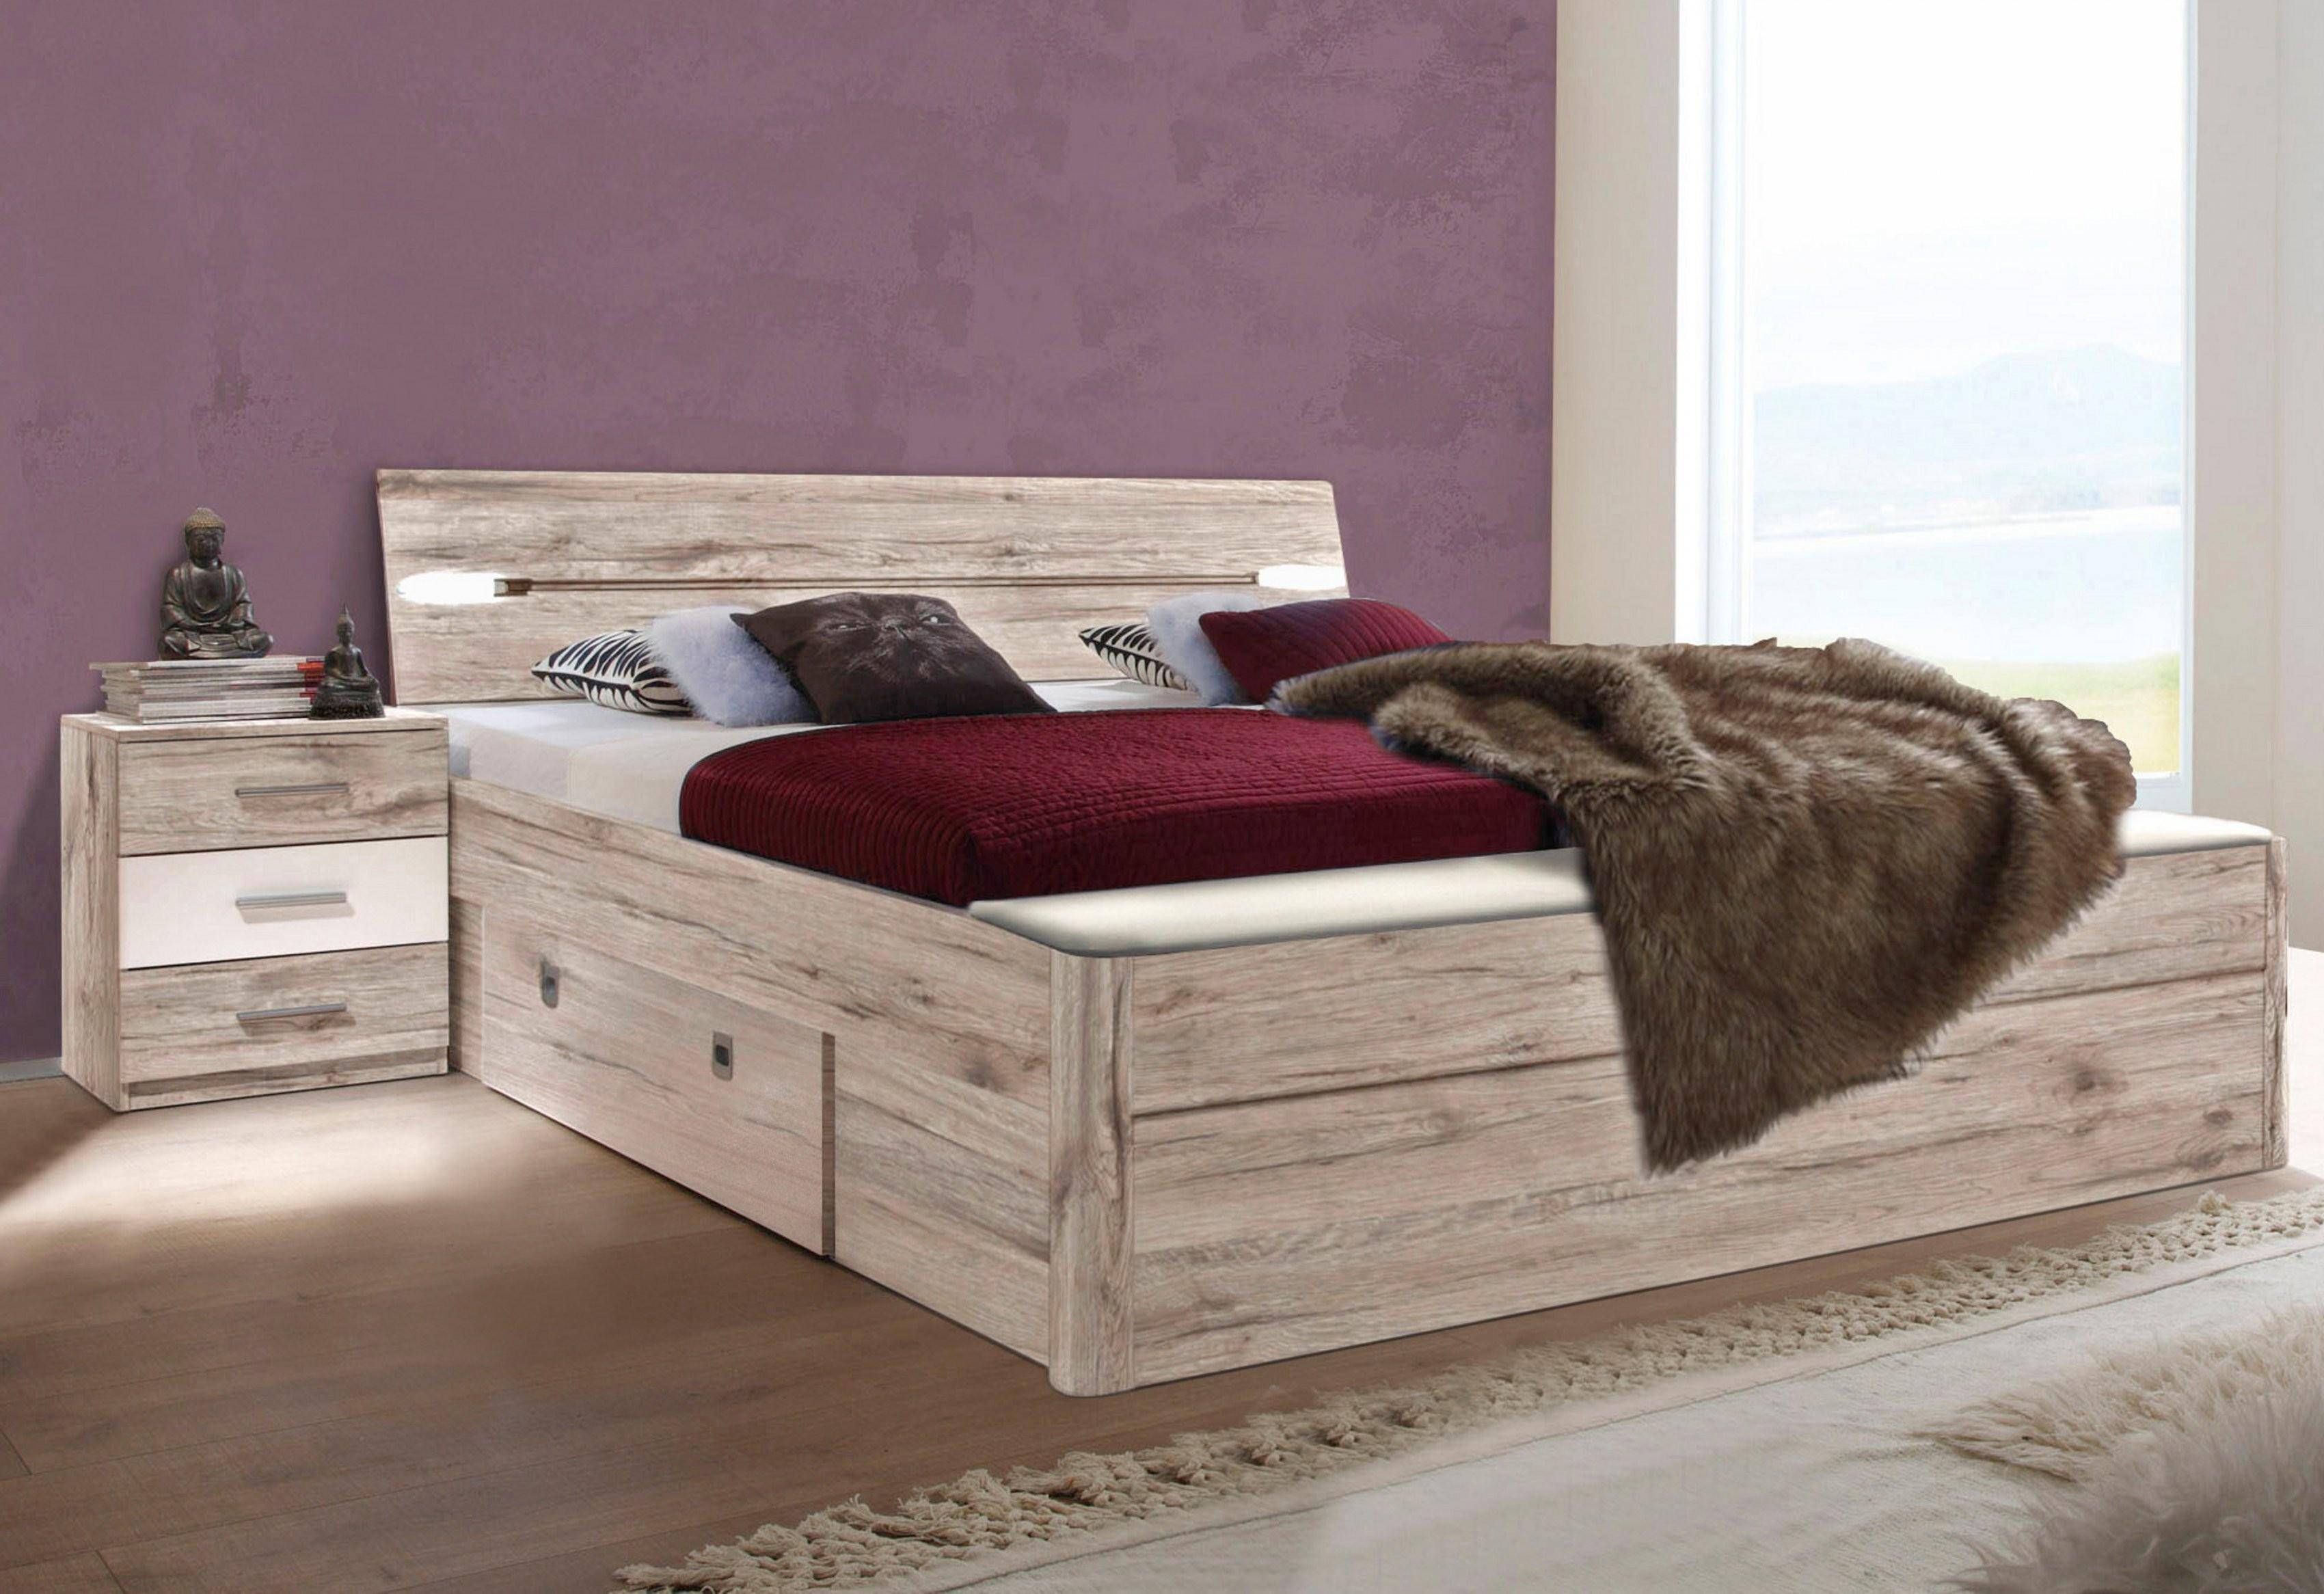 Stauraum Bett 200X200 Aufdringlich Auf Kreative Deko Ideen In von Bett Mit Stauraum 200X200 Photo